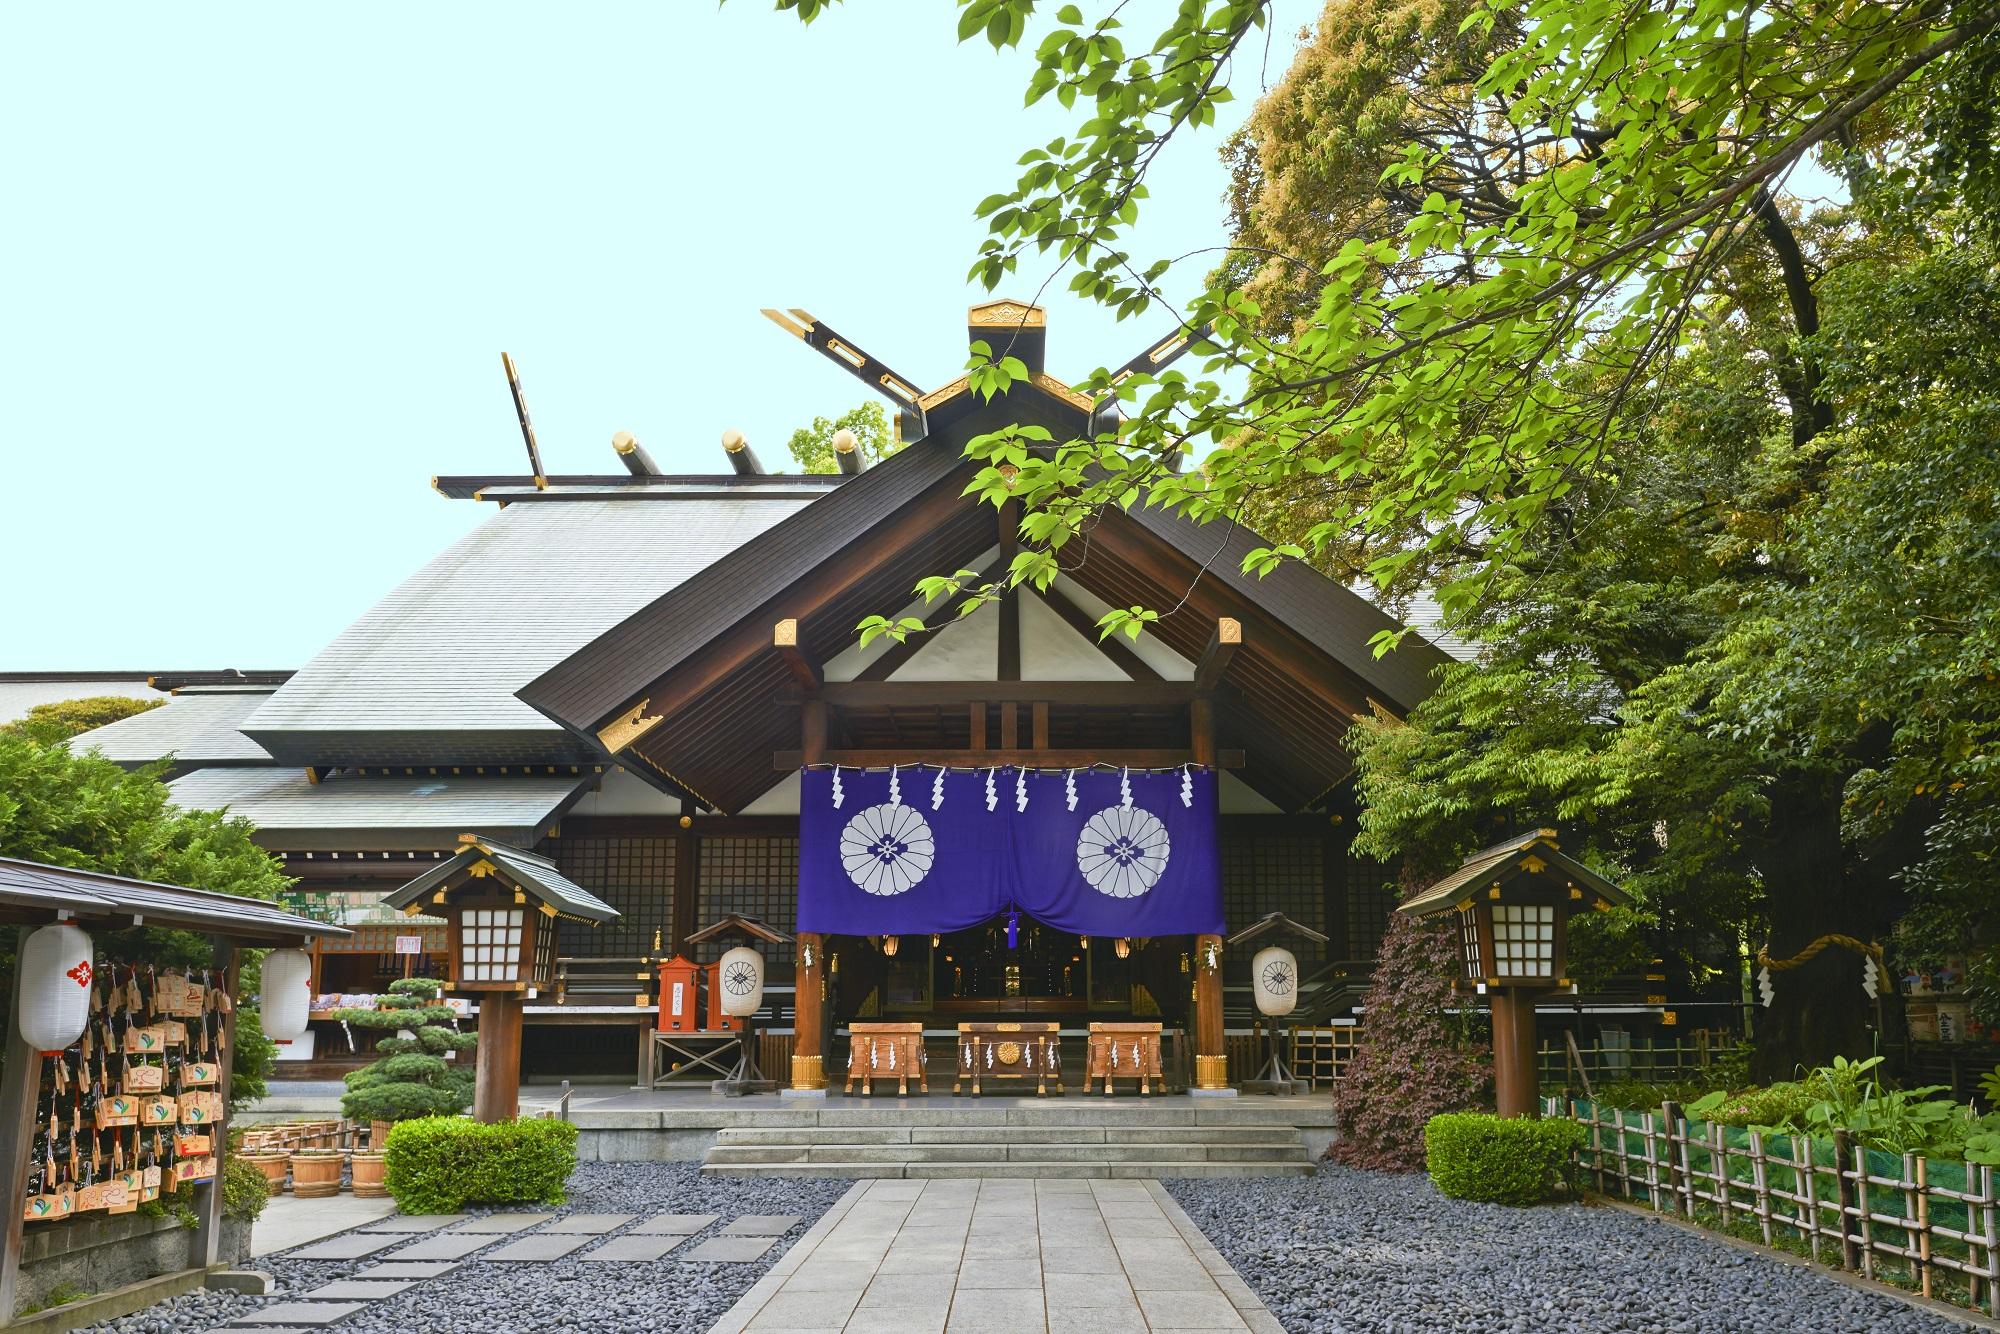 東京大神宮で復縁できた不思議体験をご紹介。お守りや恋みくじの効果も